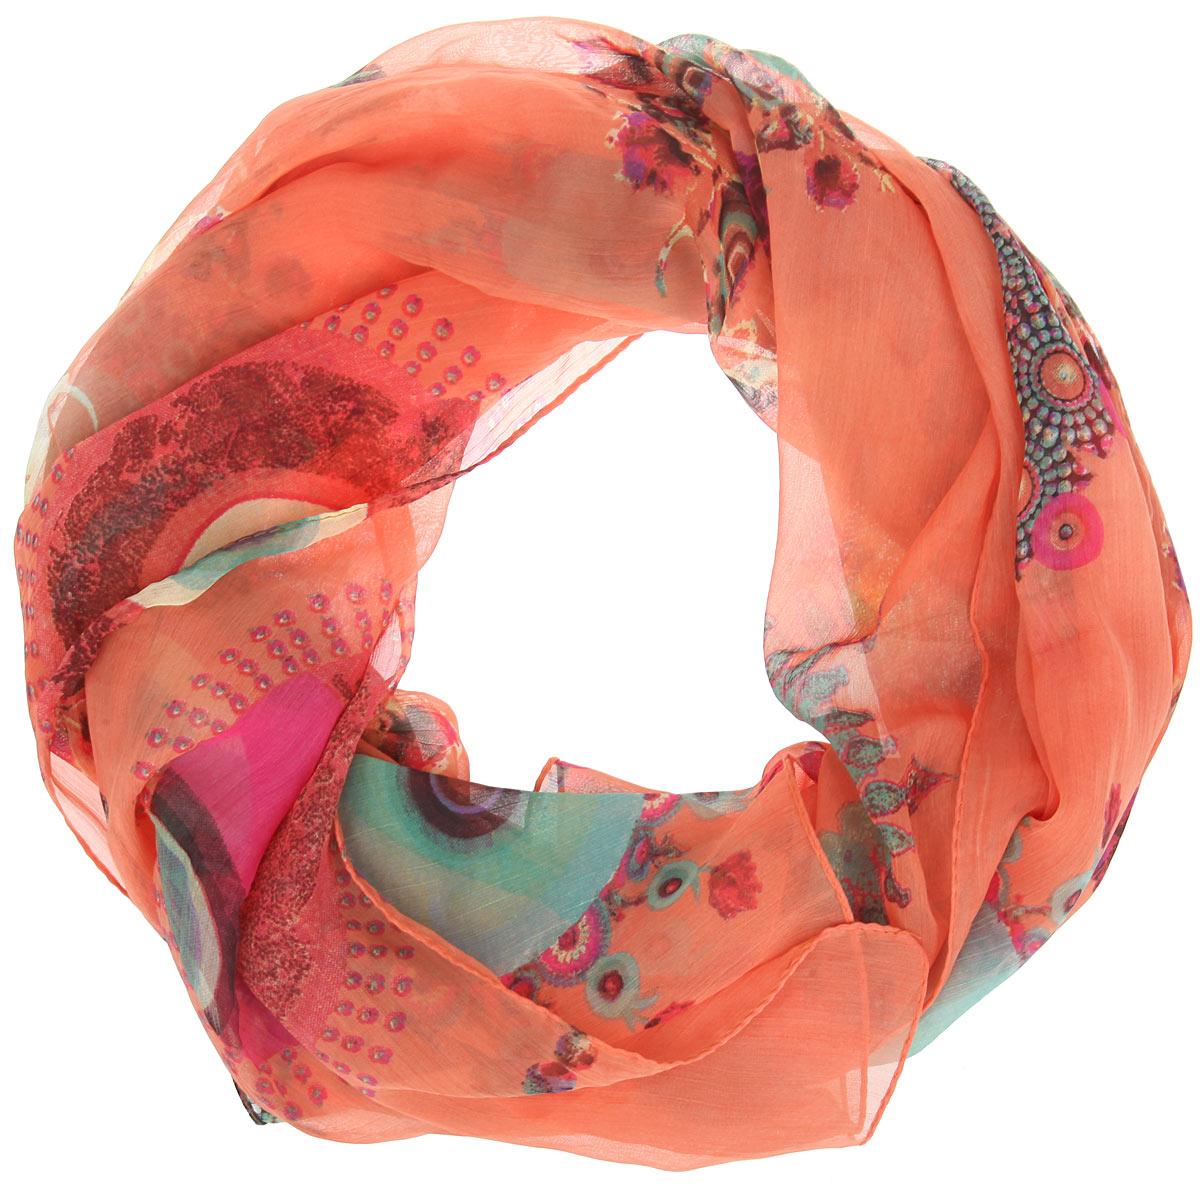 Платок женский Ethnica, цвет: оранжевый, розовый, зеленый. 524040н. Размер 90 см x 90 см524040нСтильный женский платок Ethnica станет великолепным завершением любого наряда. Легкий платок изготовлен из 100% вискозы. Он оформлен изысканным орнаментом.Классическая квадратная форма позволяет носить платок на шее, украшать им прическу или декорировать сумочку. Мягкий и шелковистый платок поможет вам создать изысканный женственный образ, а также согреет в непогоду.Такой платок превосходно дополнит любой наряд и подчеркнет ваш неповторимый вкус и элегантность.